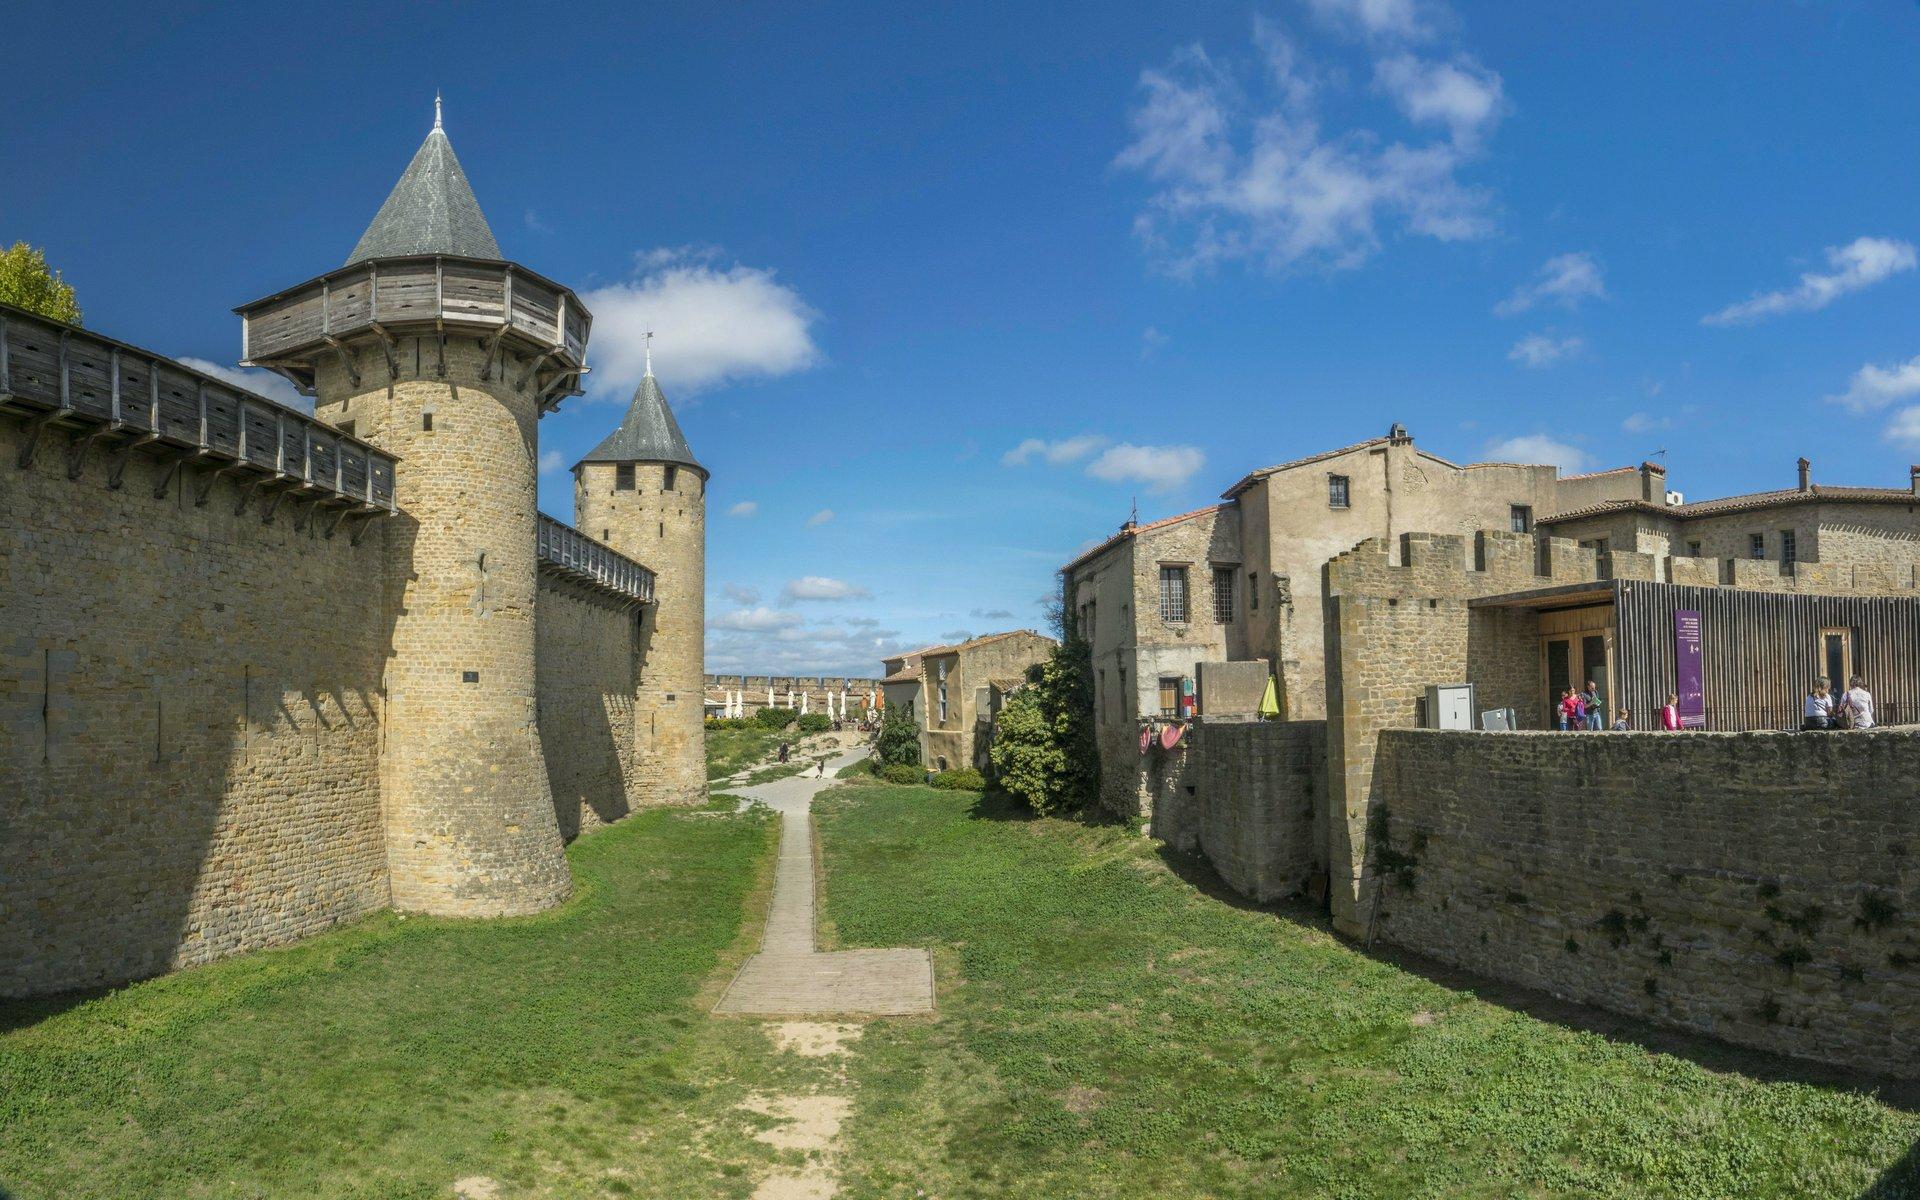 Tour des Casernes und Tour du Major des Château Comtal in der Cité Carcassonne